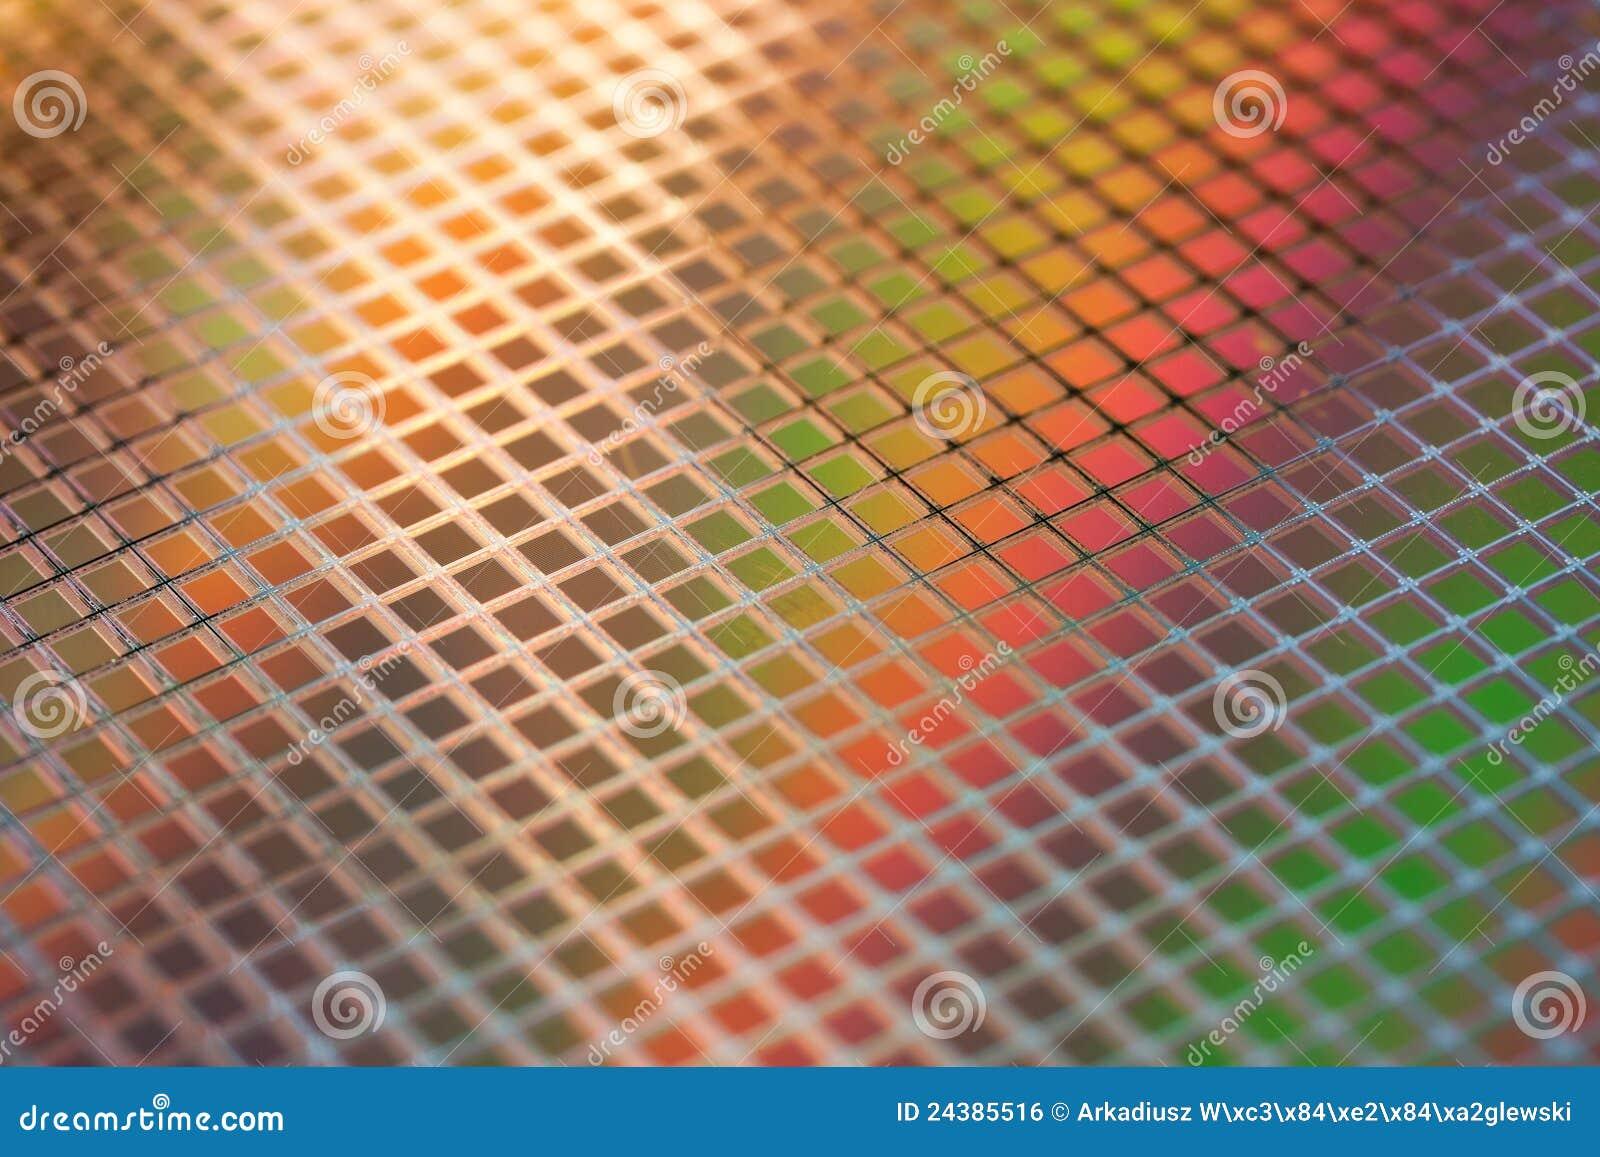 ICs van het silicium wafeltje